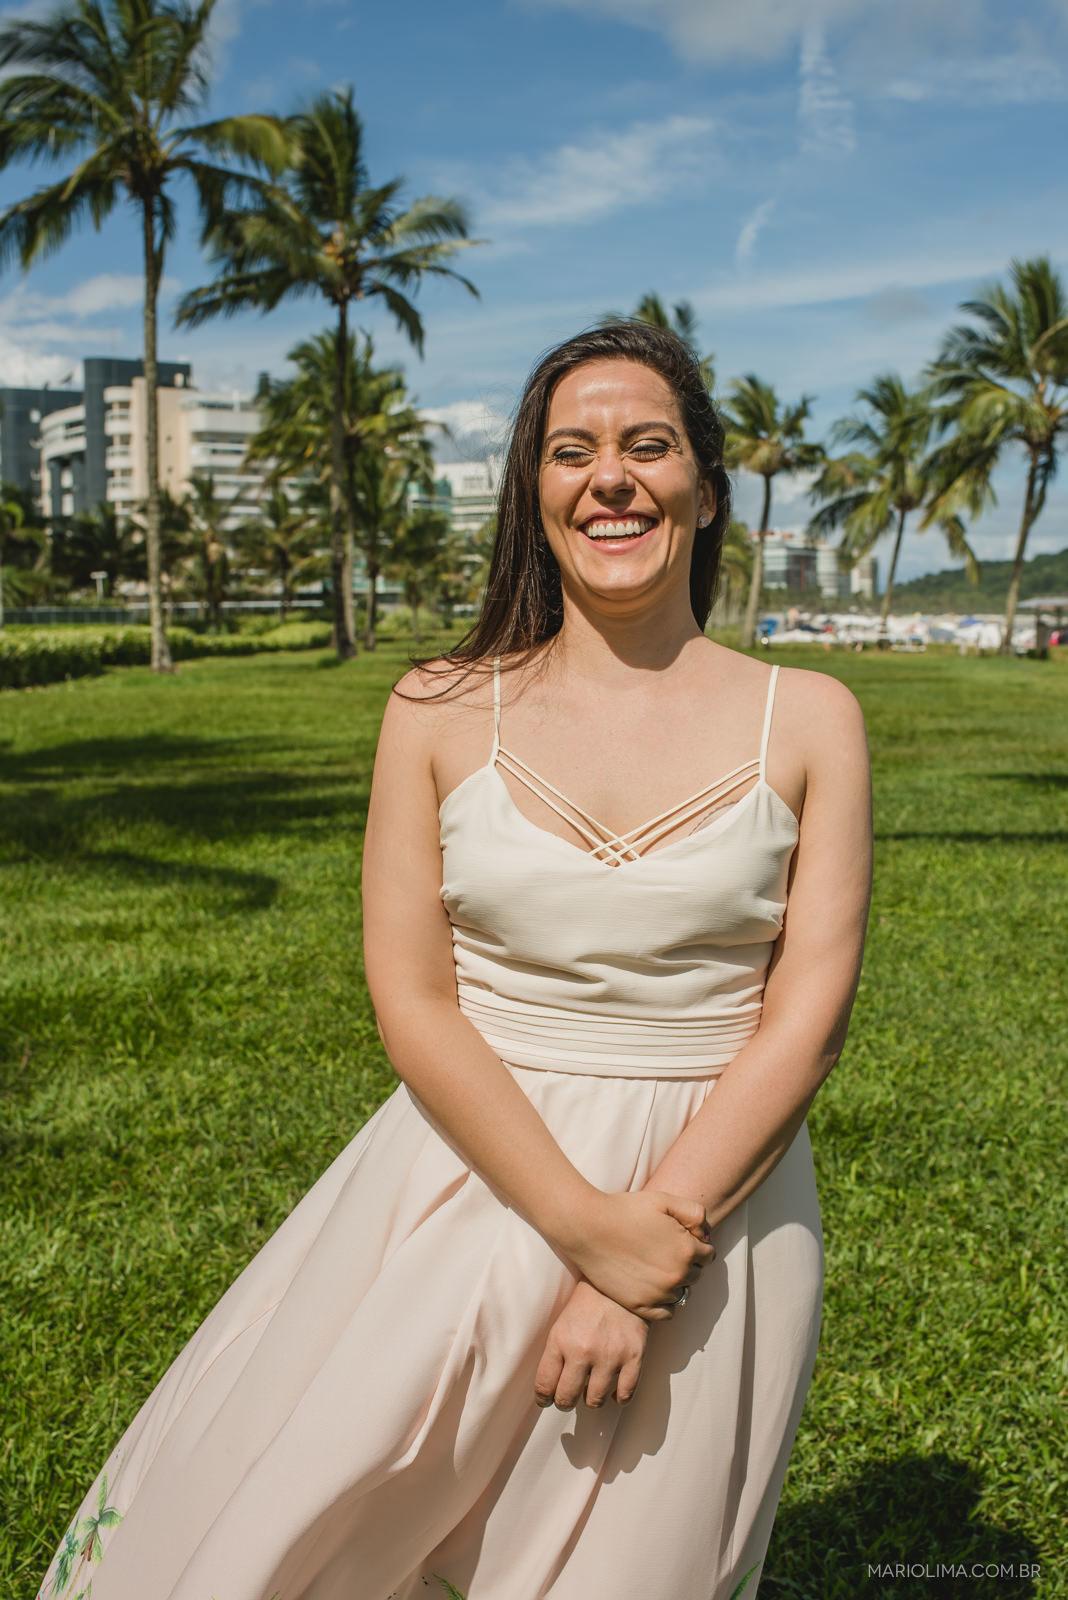 retrato da noiva sorrindo no ensaio pré-casamento na praia de Riviera